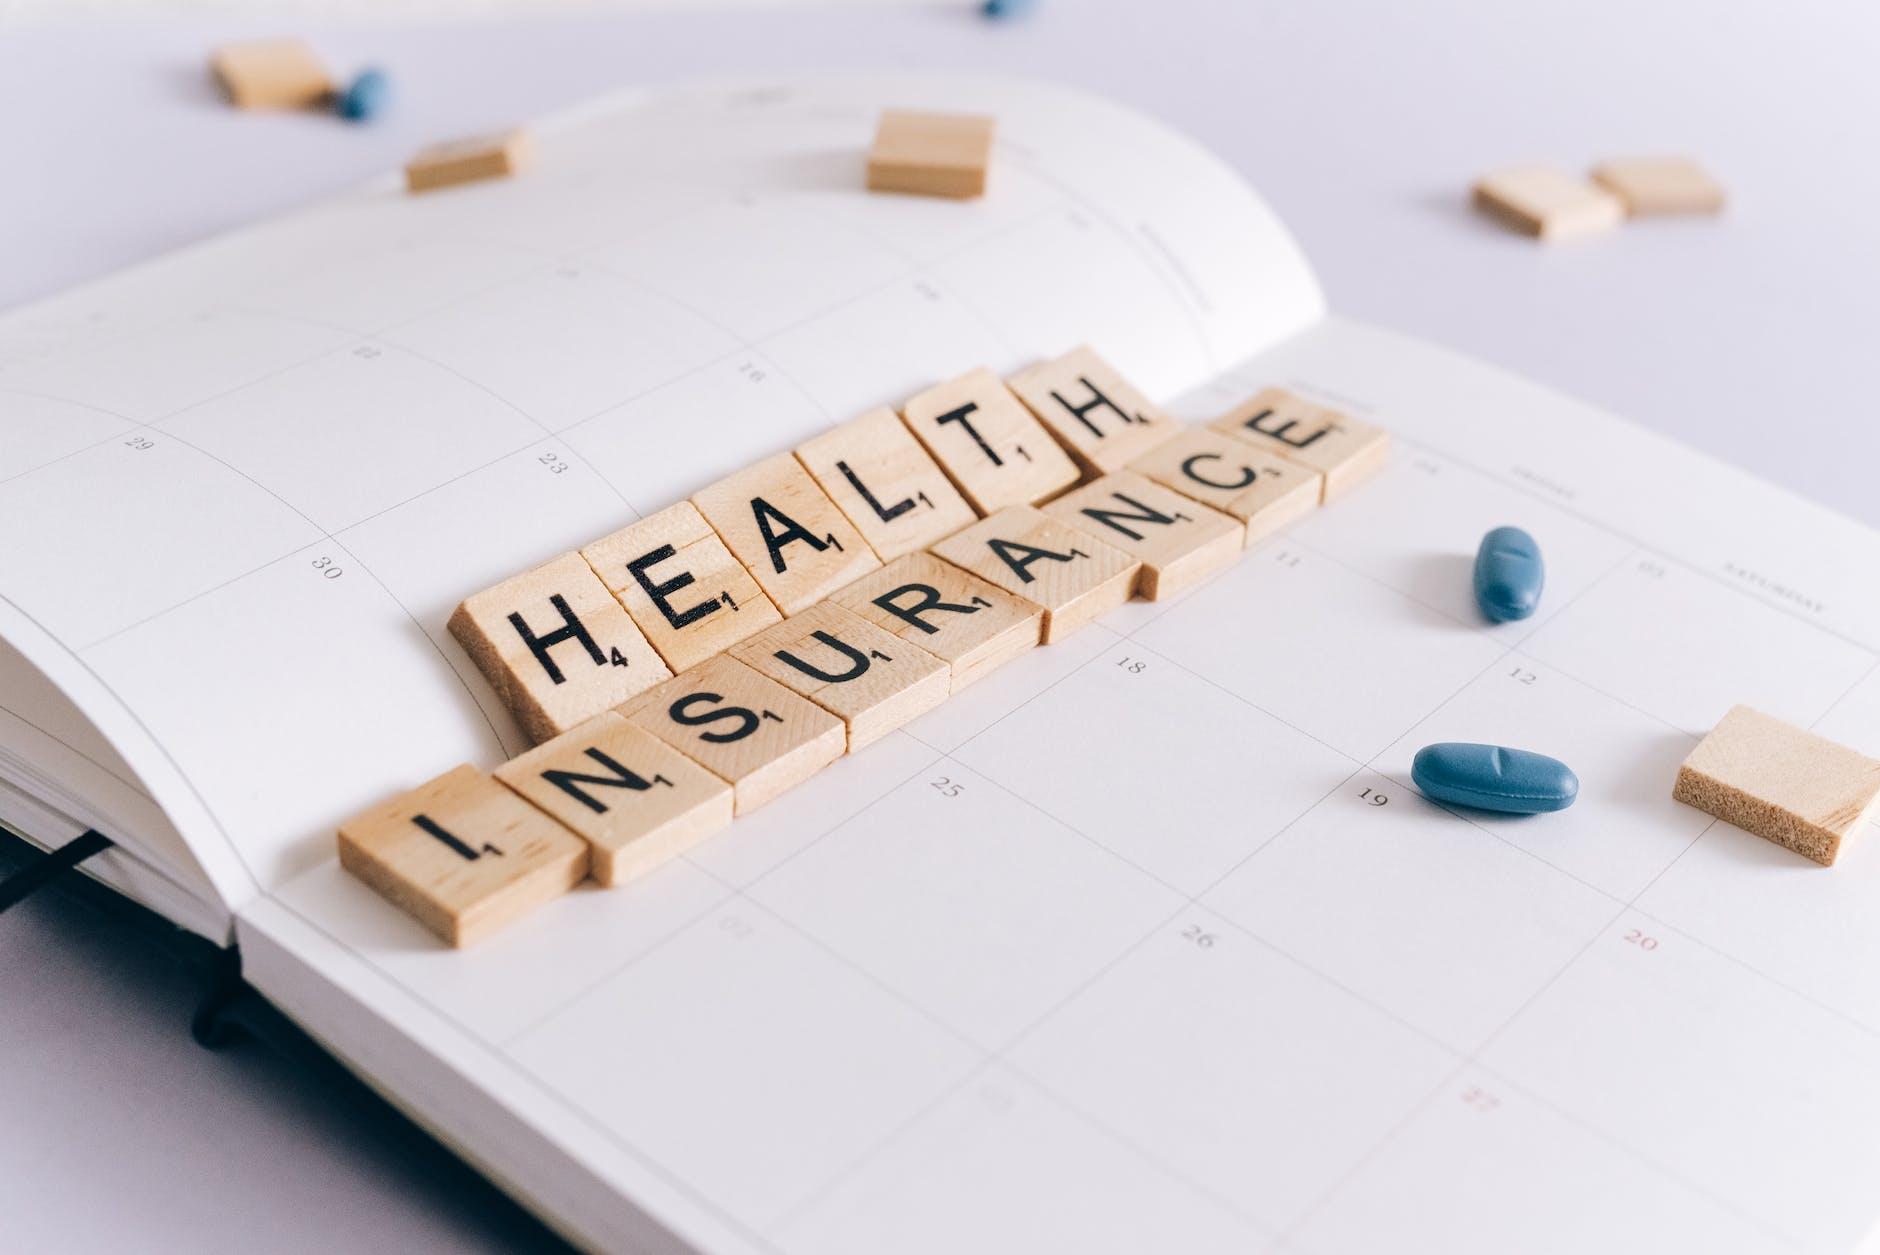 Produk asuransi kesehatan paling diminati nasabah